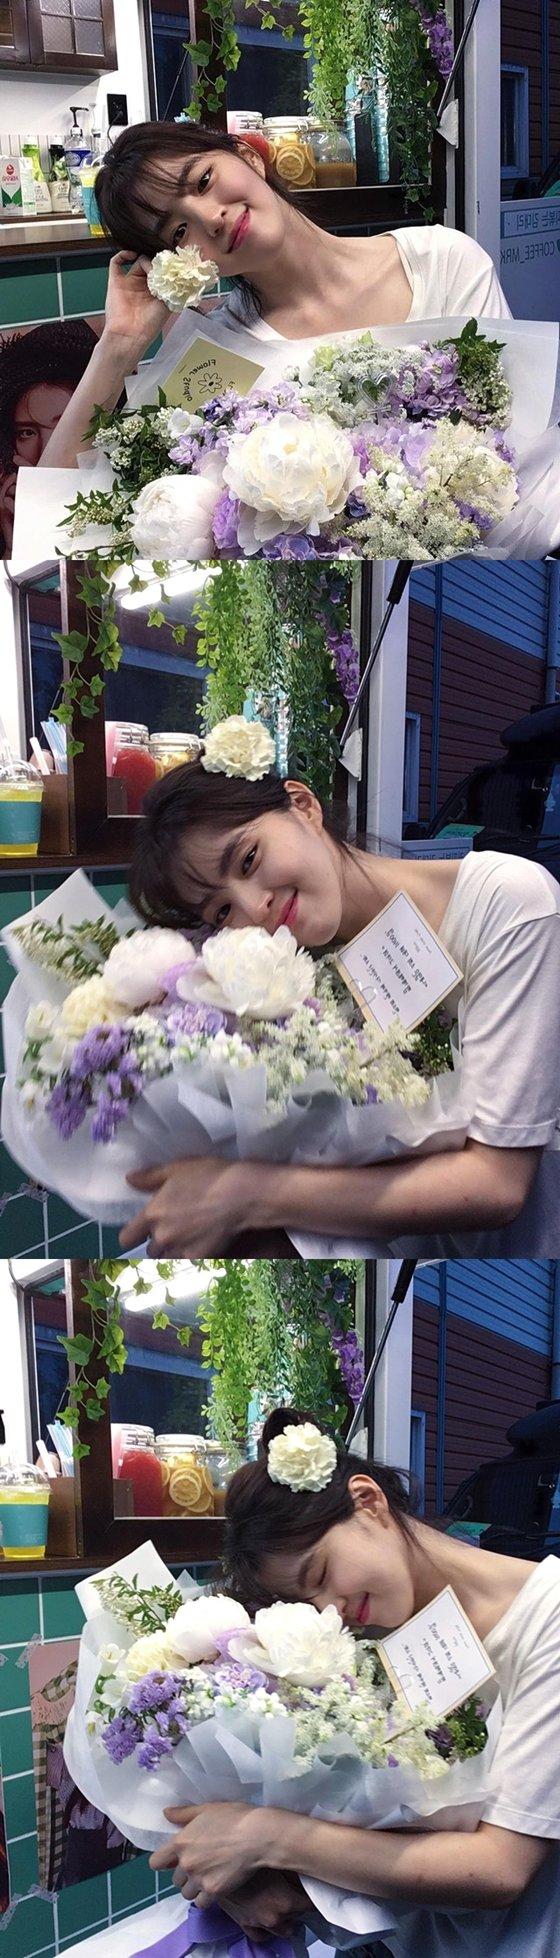 배우 한소희가 꽃보다 아름다운 미모로 팬들의 시선을 사로잡았다./사진=한소희 인스타그램